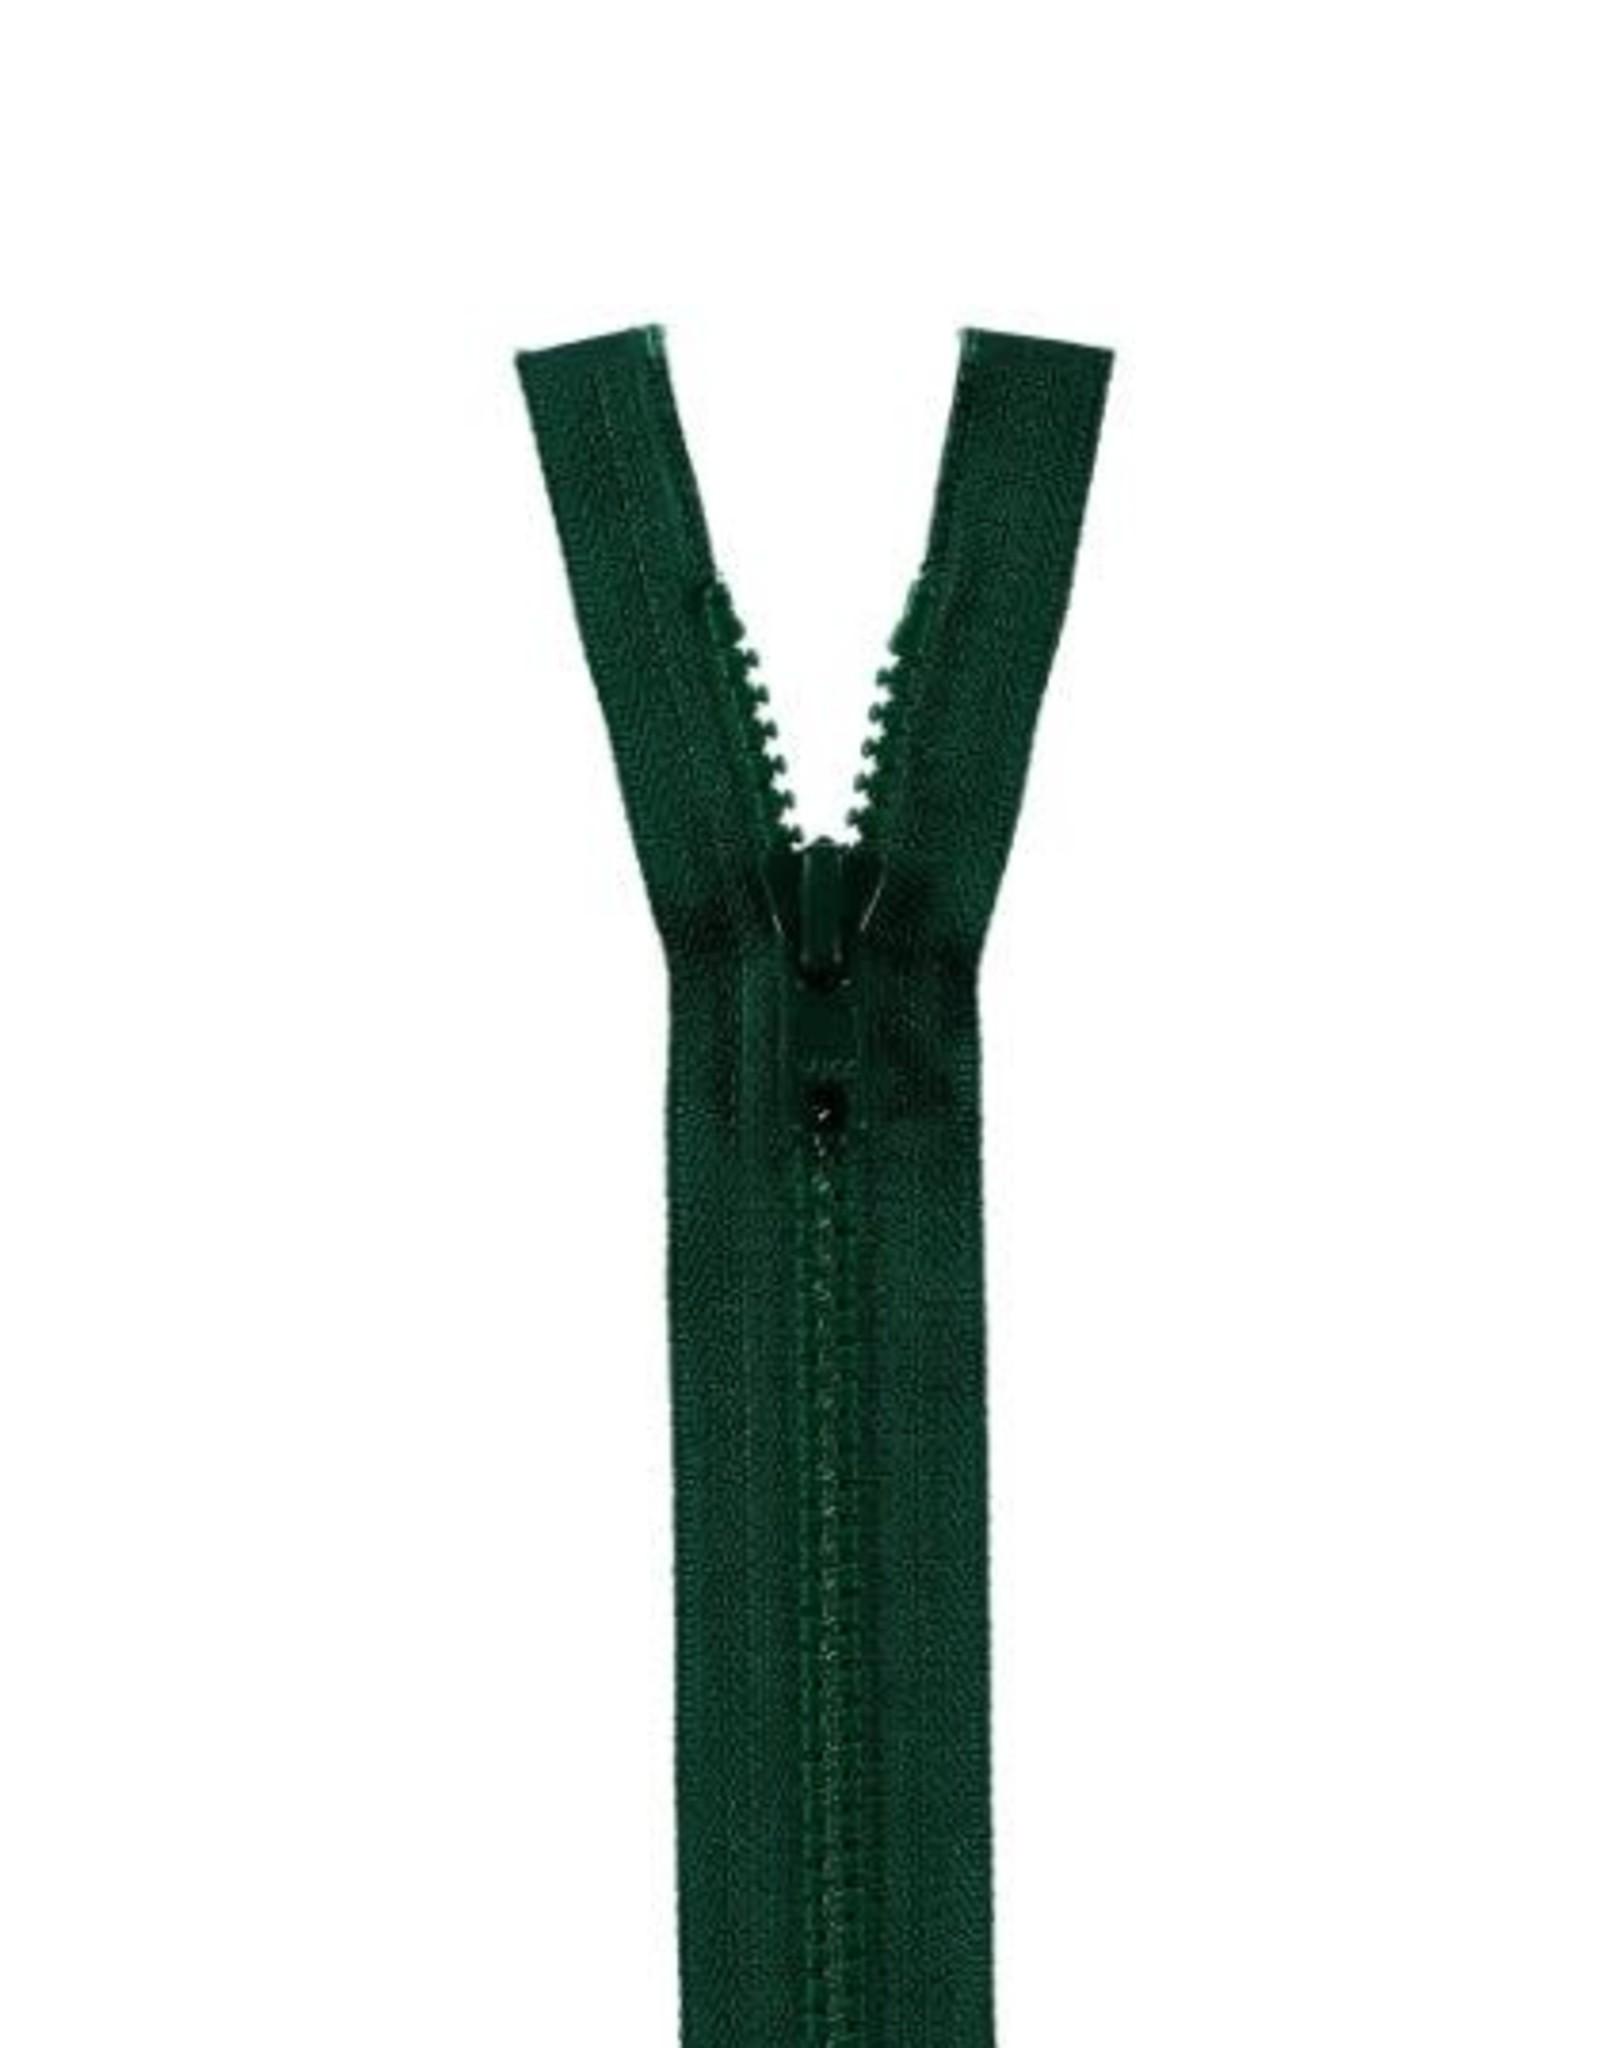 YKK BLOKRITS 5 DEELBAAR d. groen 890-65cm